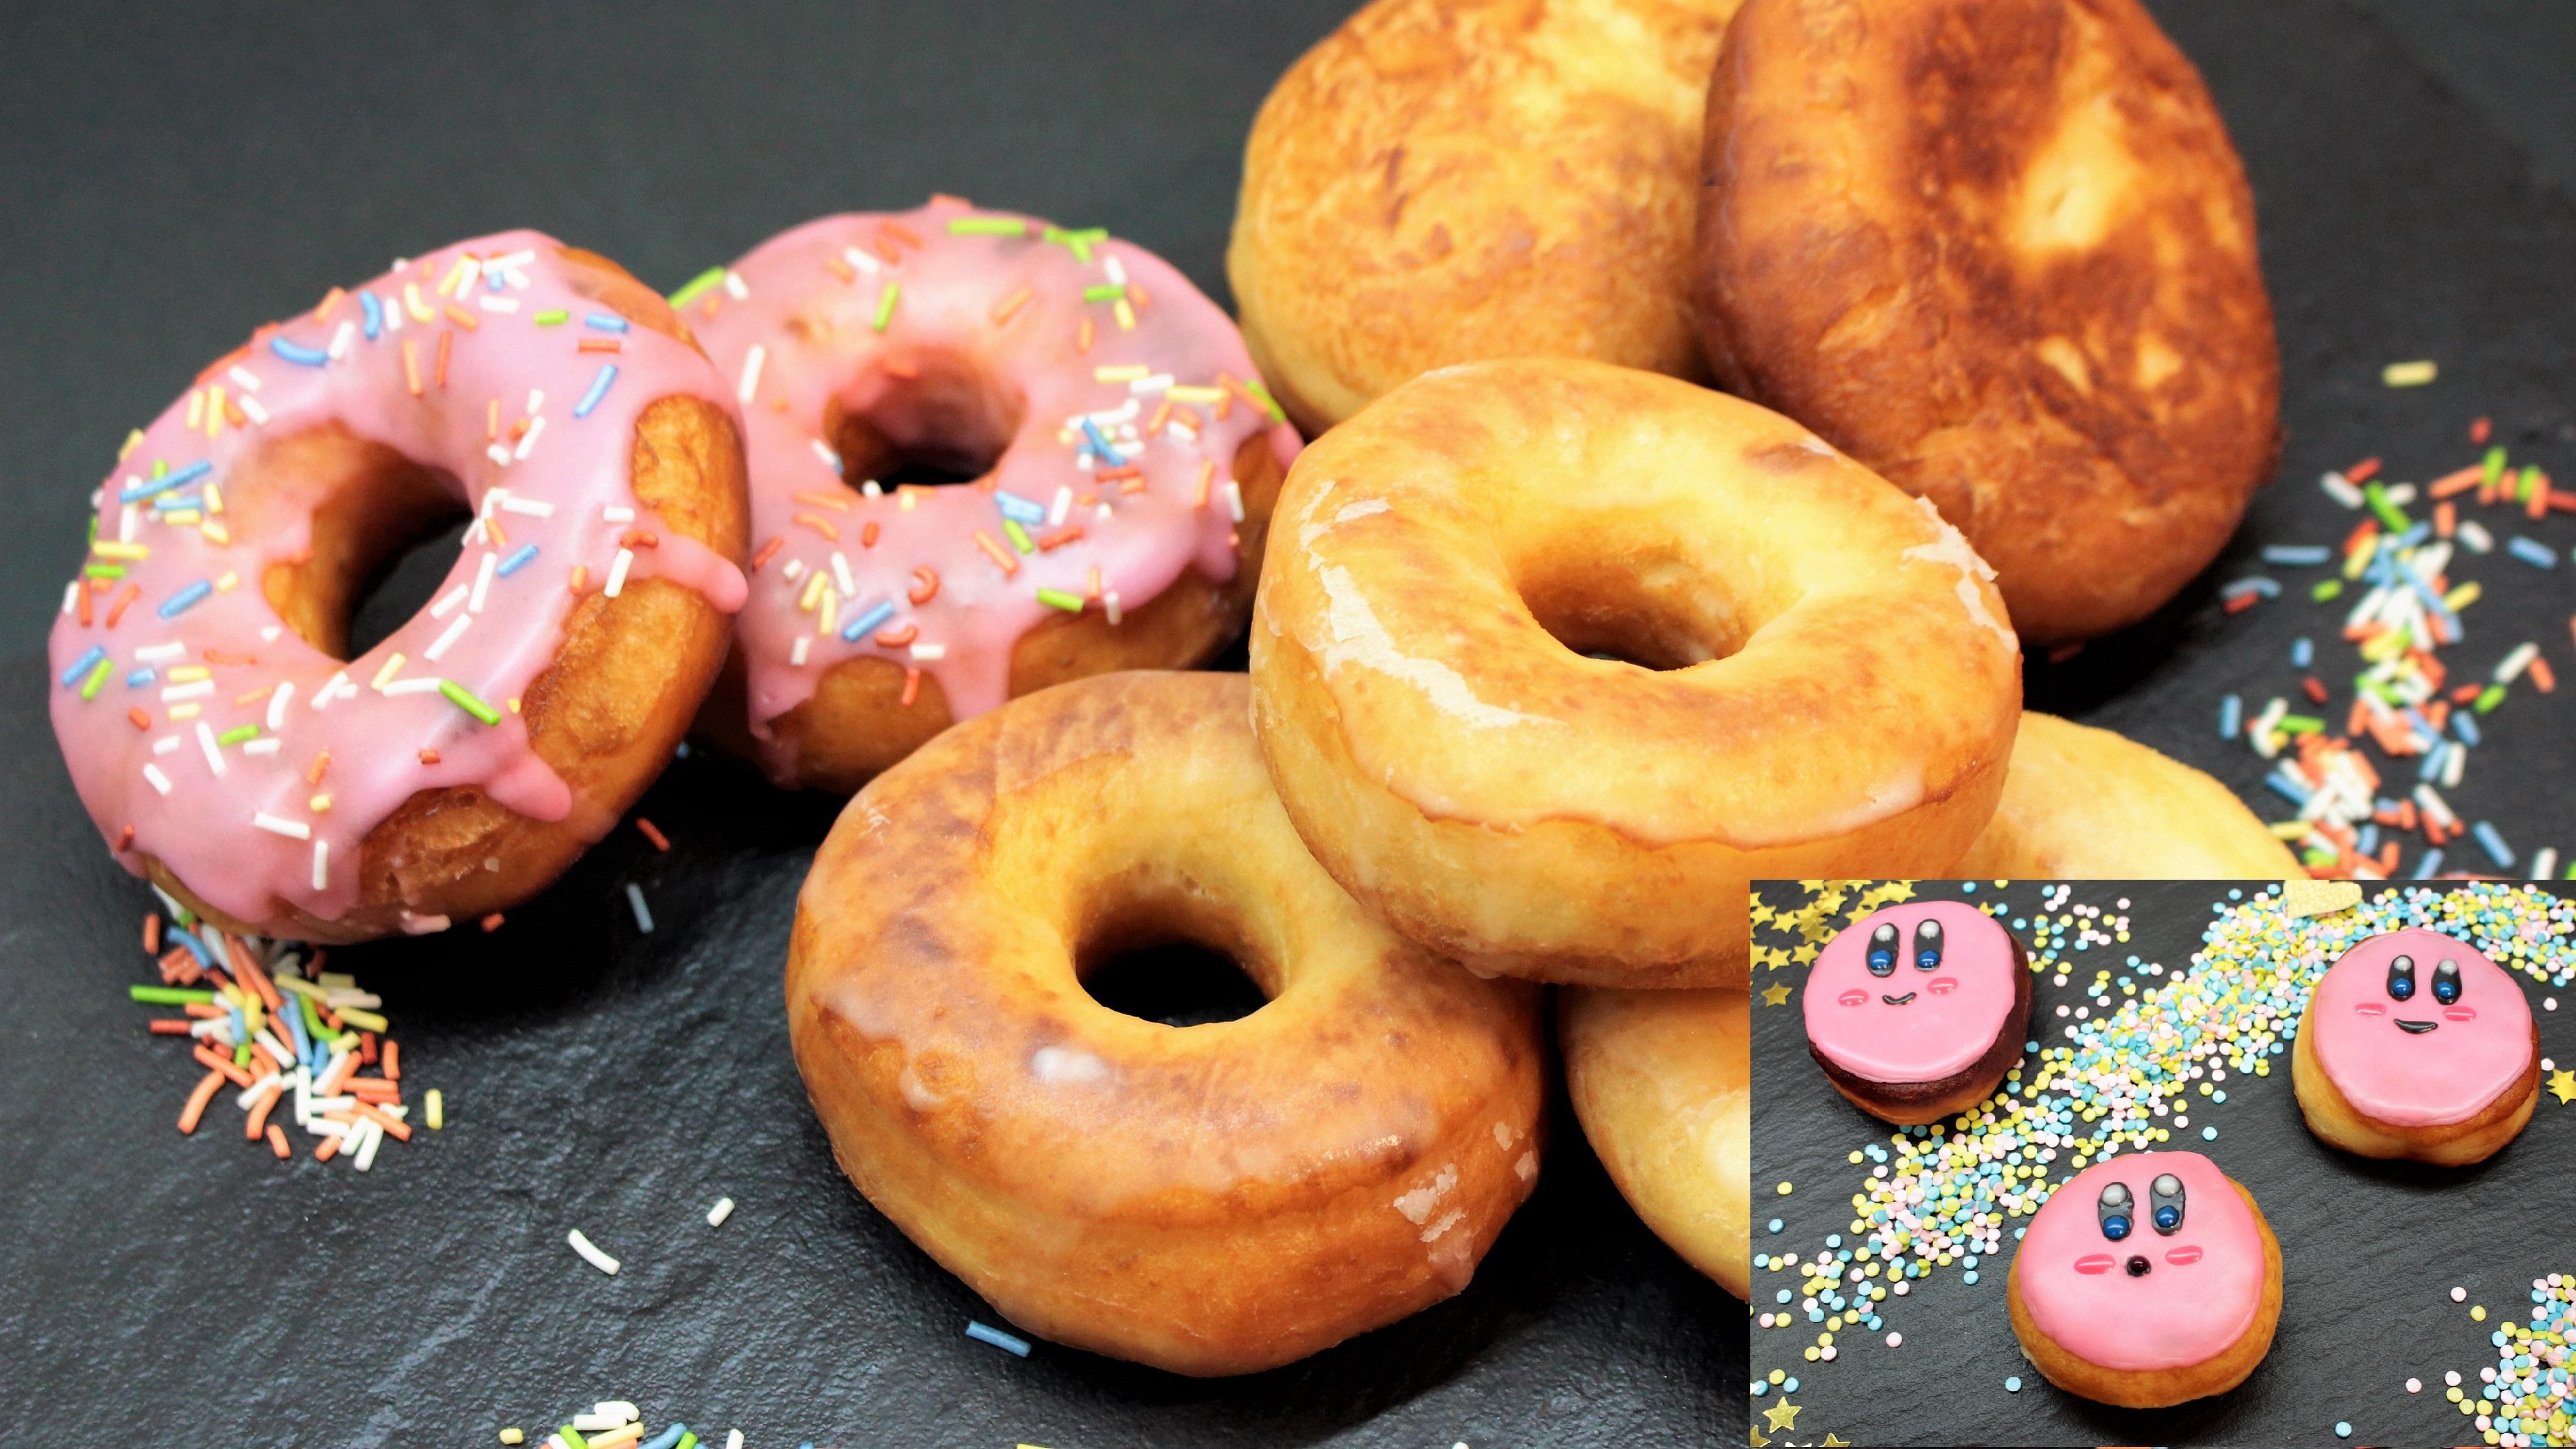 Donuts - Cocina con Gemma / Cocina Geek